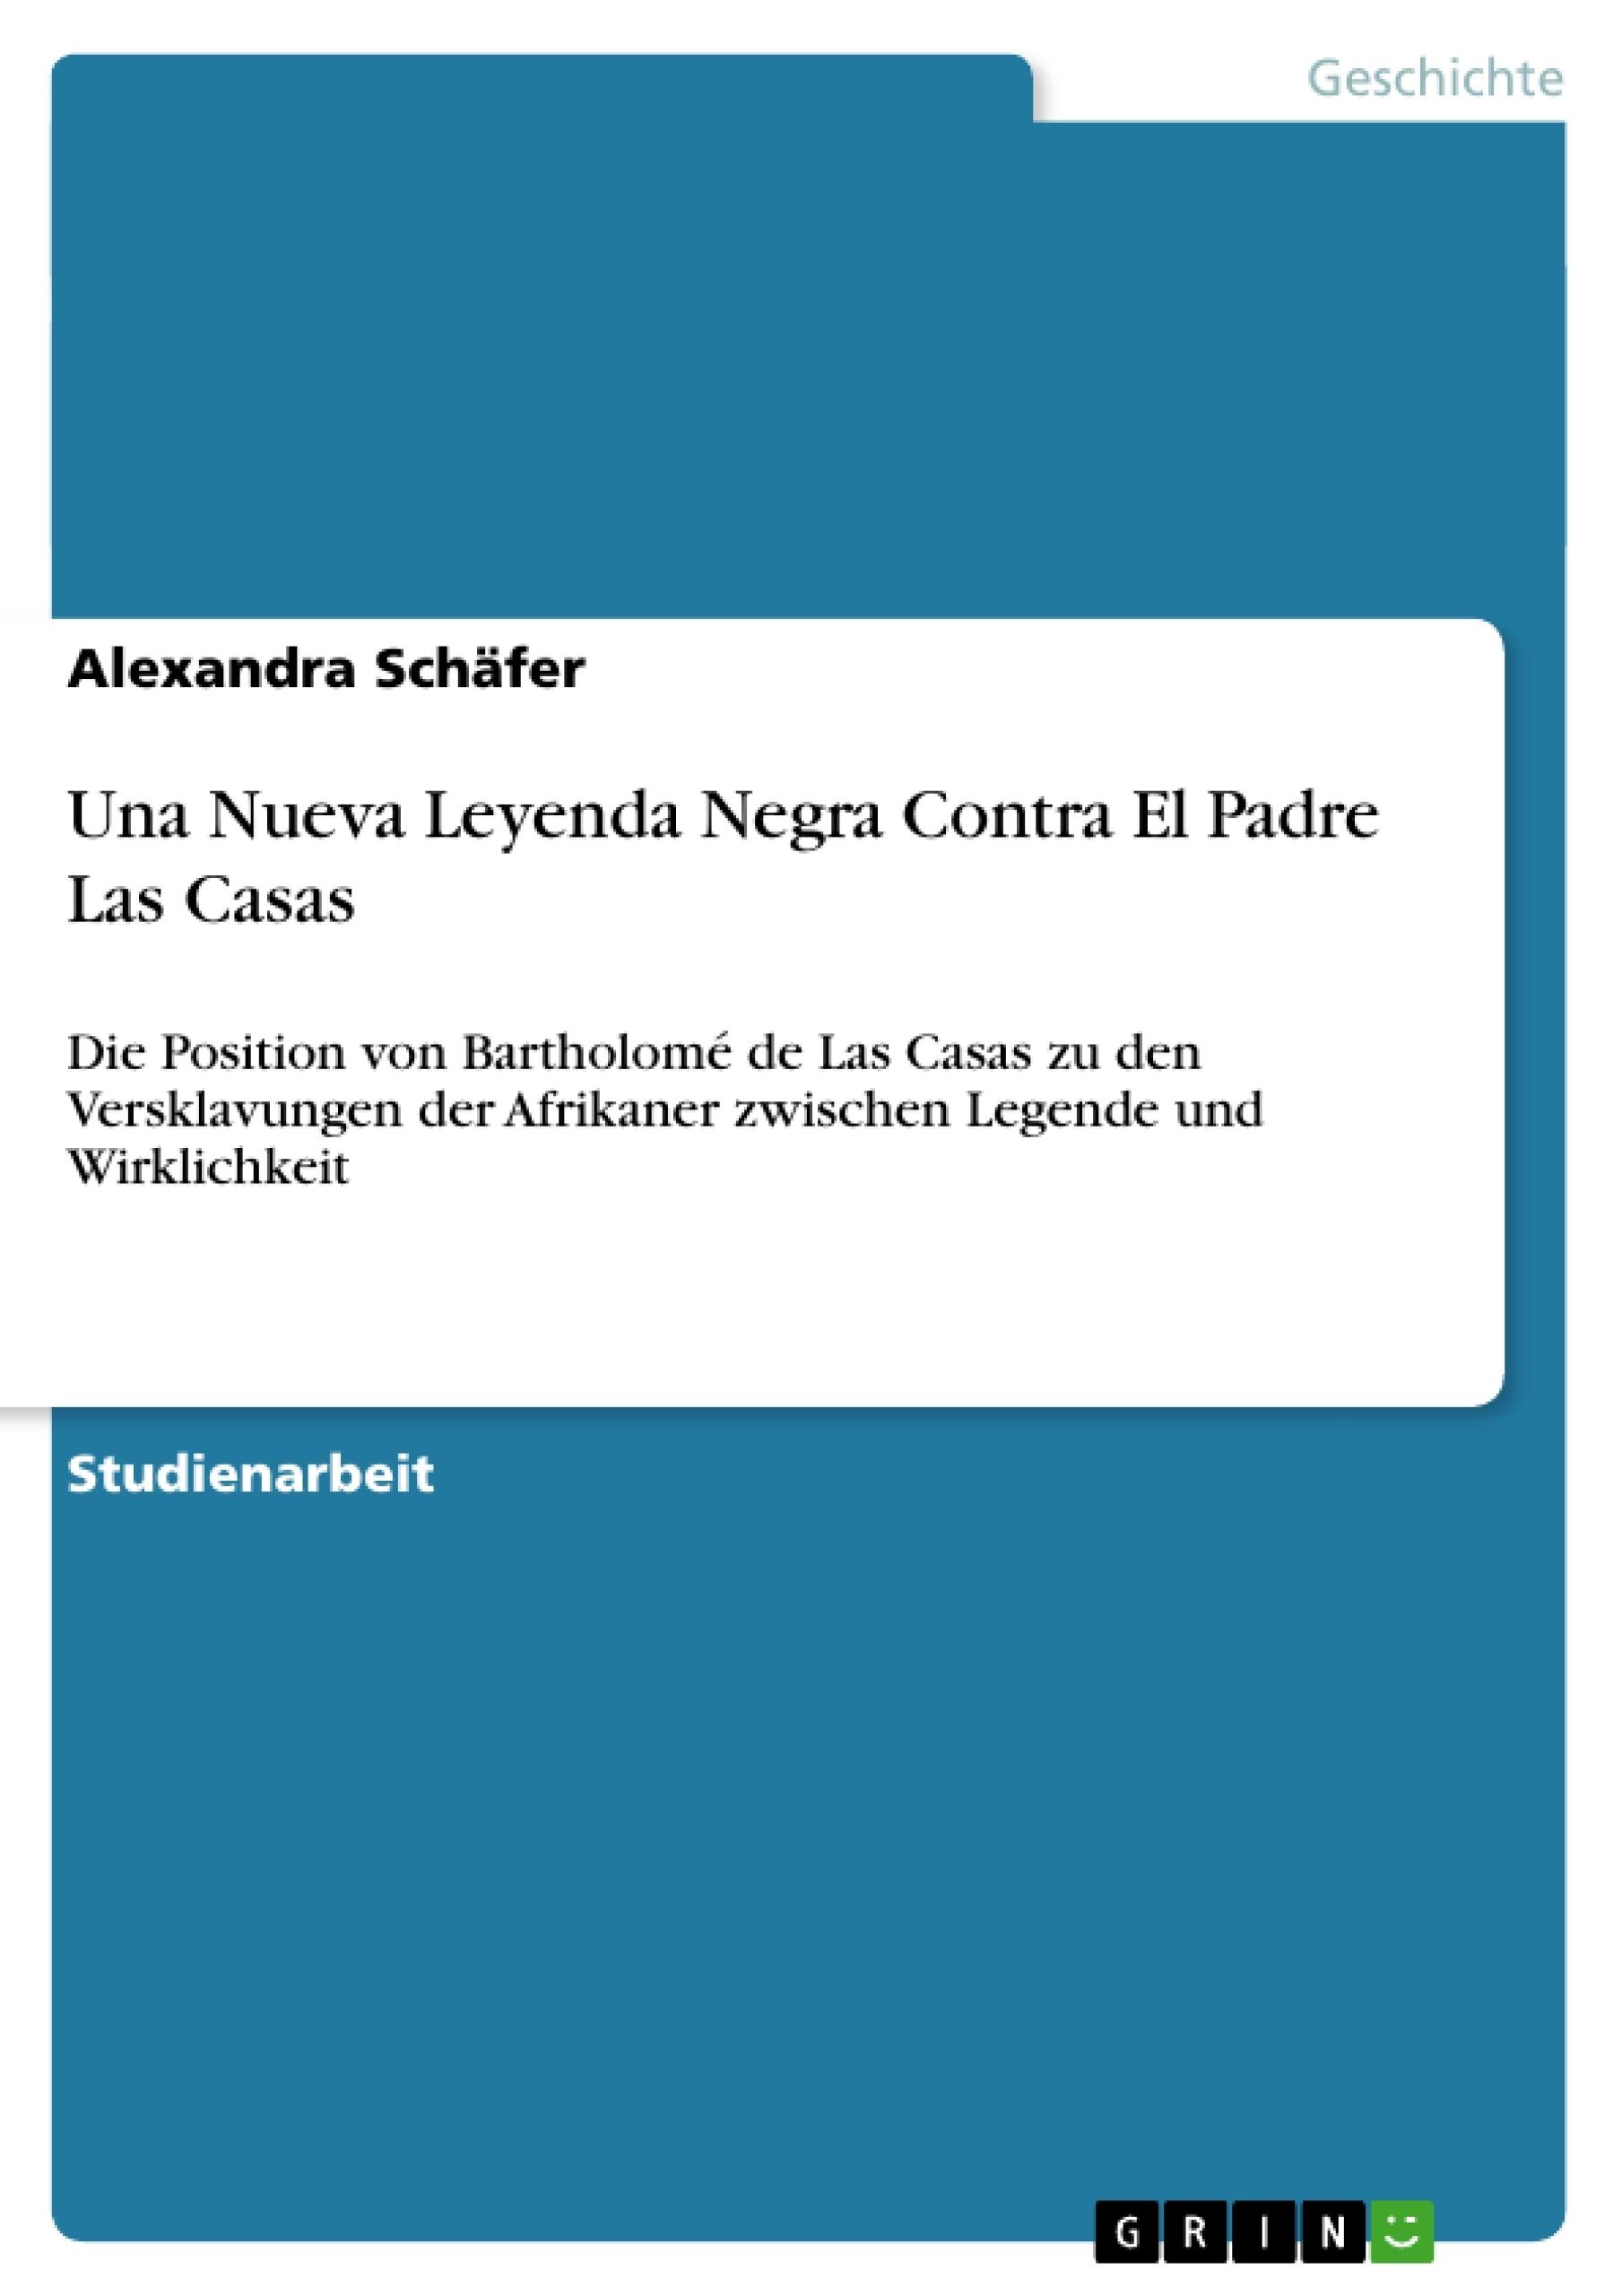 Titel: Una Nueva Leyenda Negra Contra El Padre Las Casas